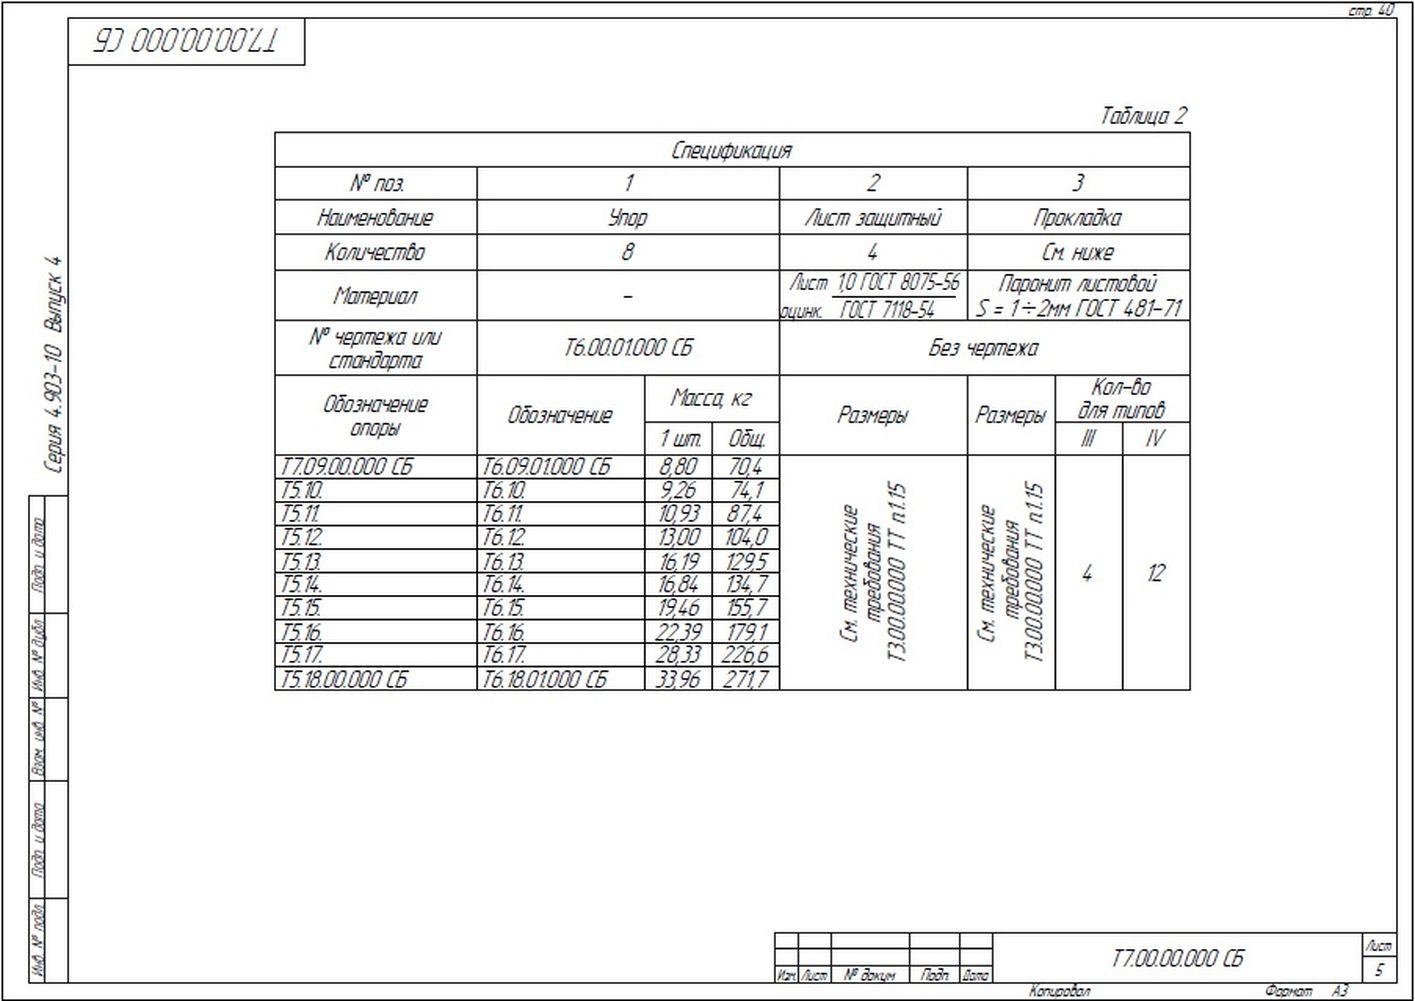 Опора неподвижная лобовая четырехупорная усиленная Т7 серия 4.903-10 вып.4 стр.5